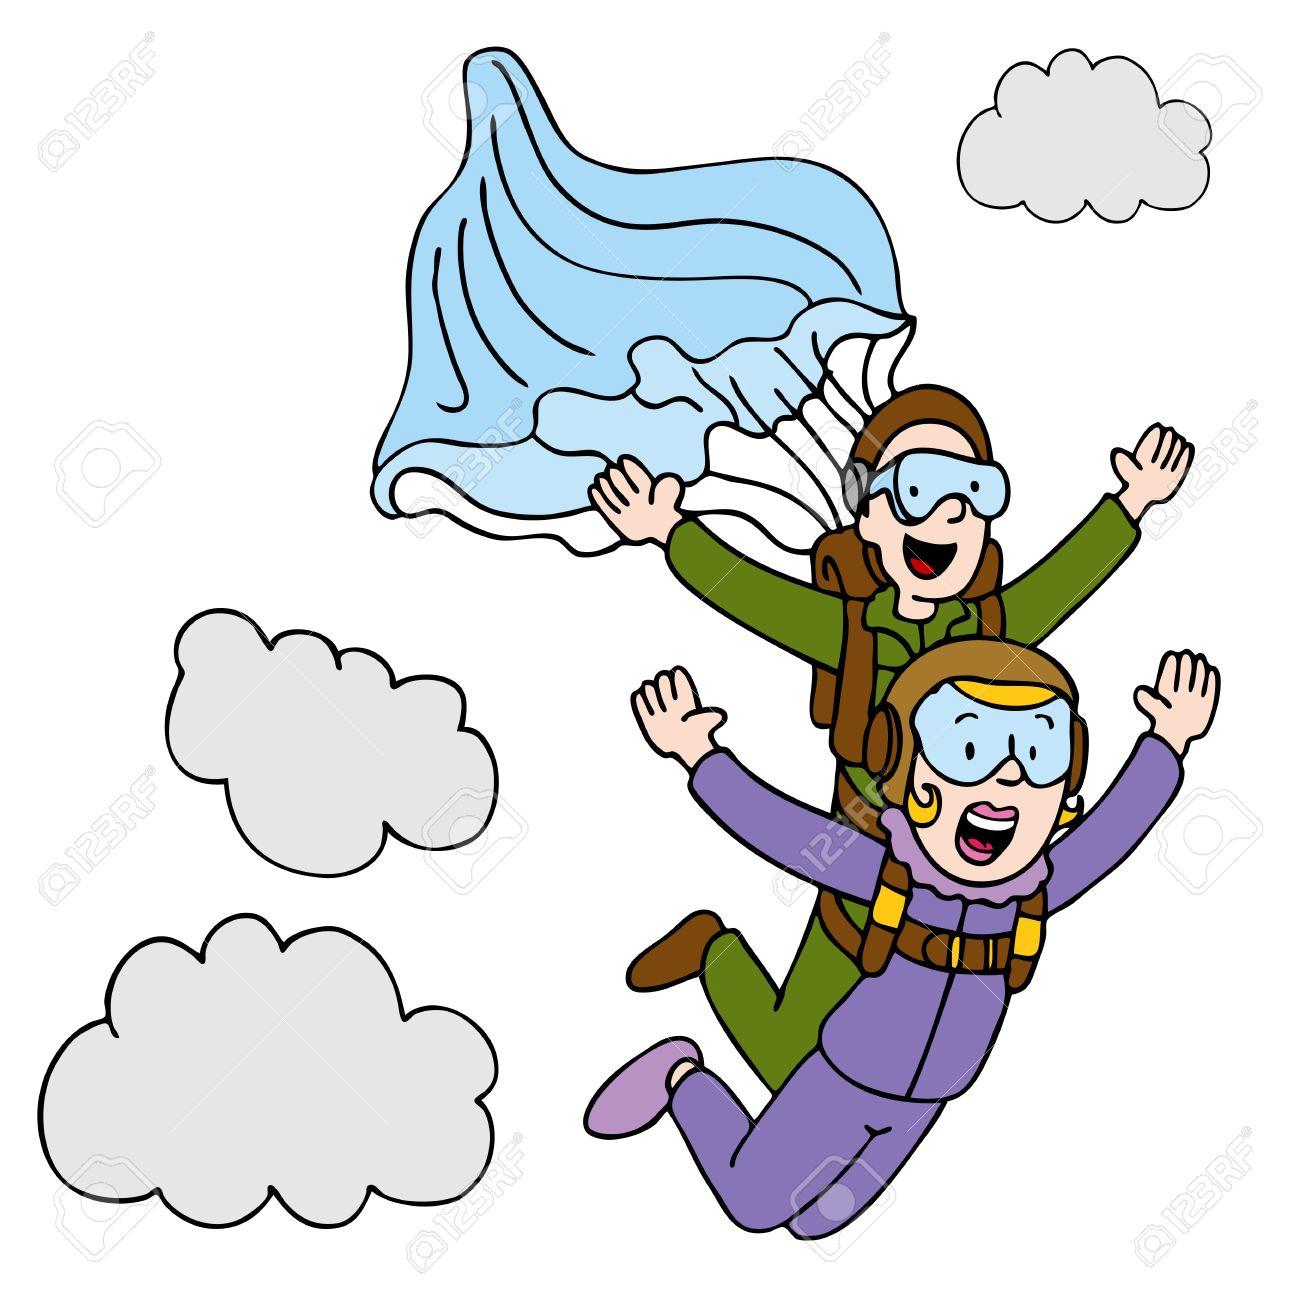 Ein Bild Von Einer Frau Tun Ein Tandem Fallschirmsprung.